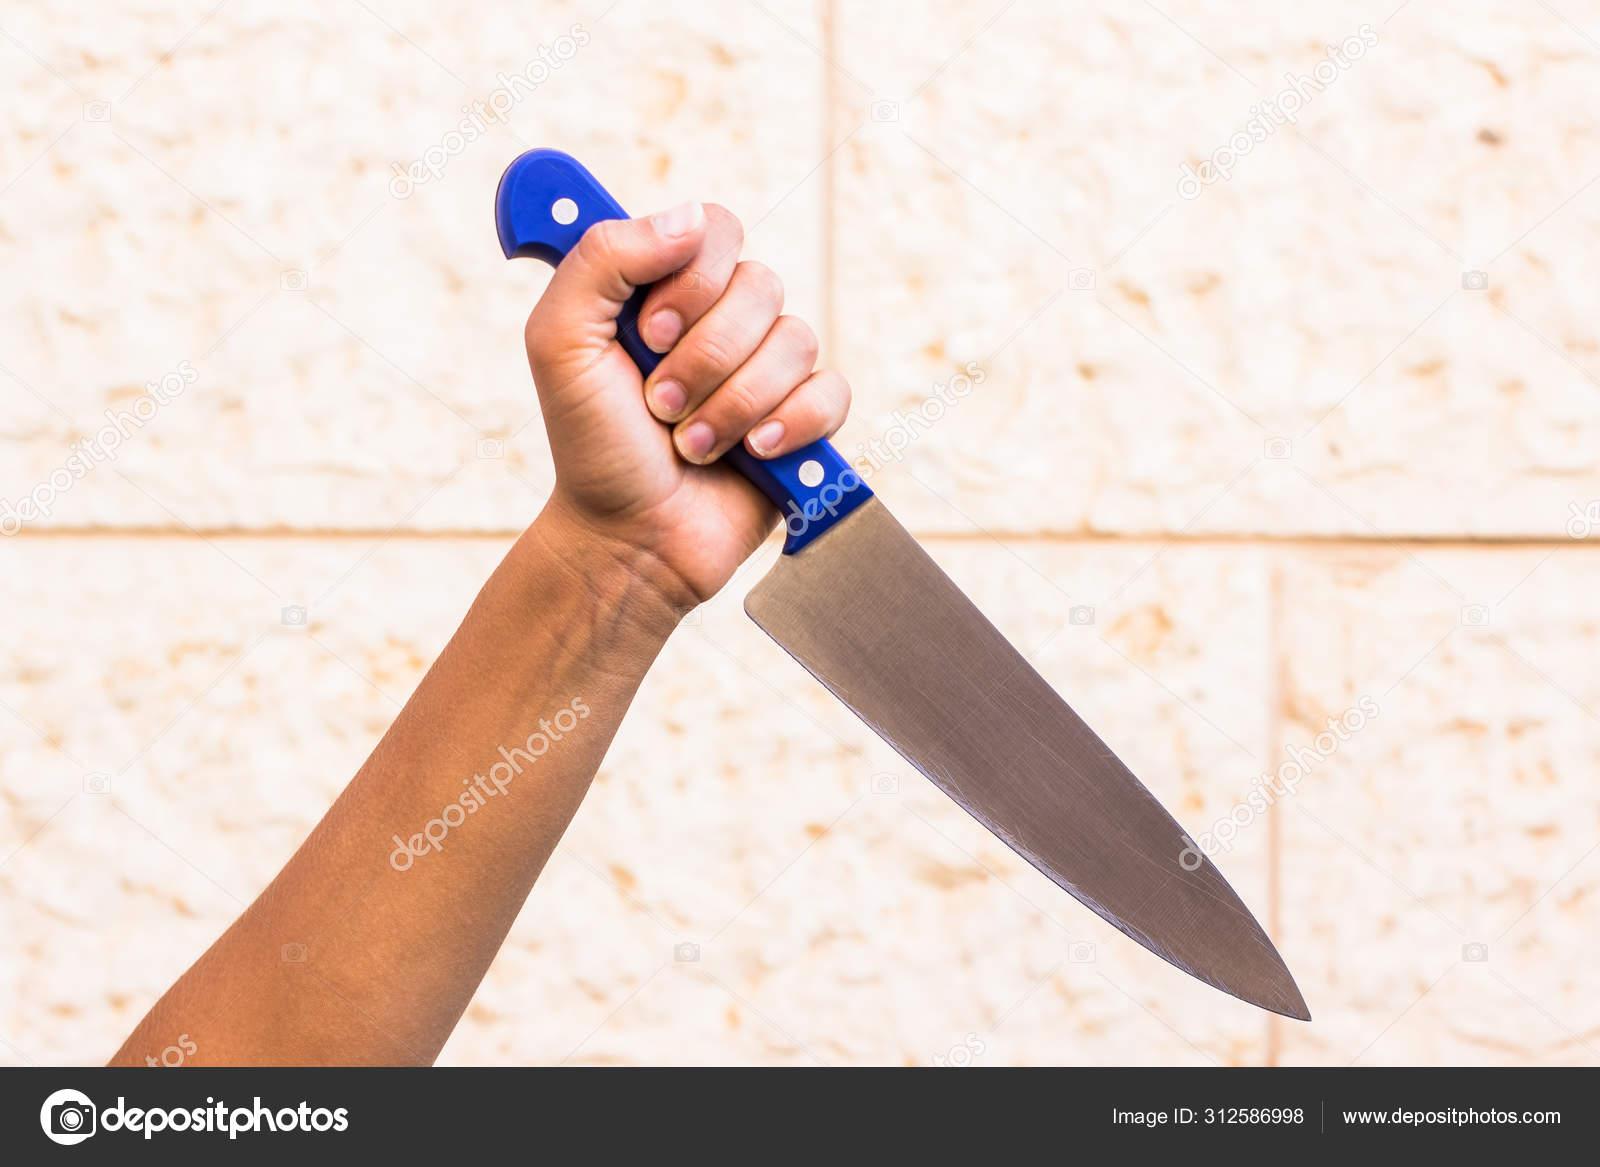 女性犯罪概念壁纸摄影女用手准备被菜刀划伤背景空白处放你的文字 图库